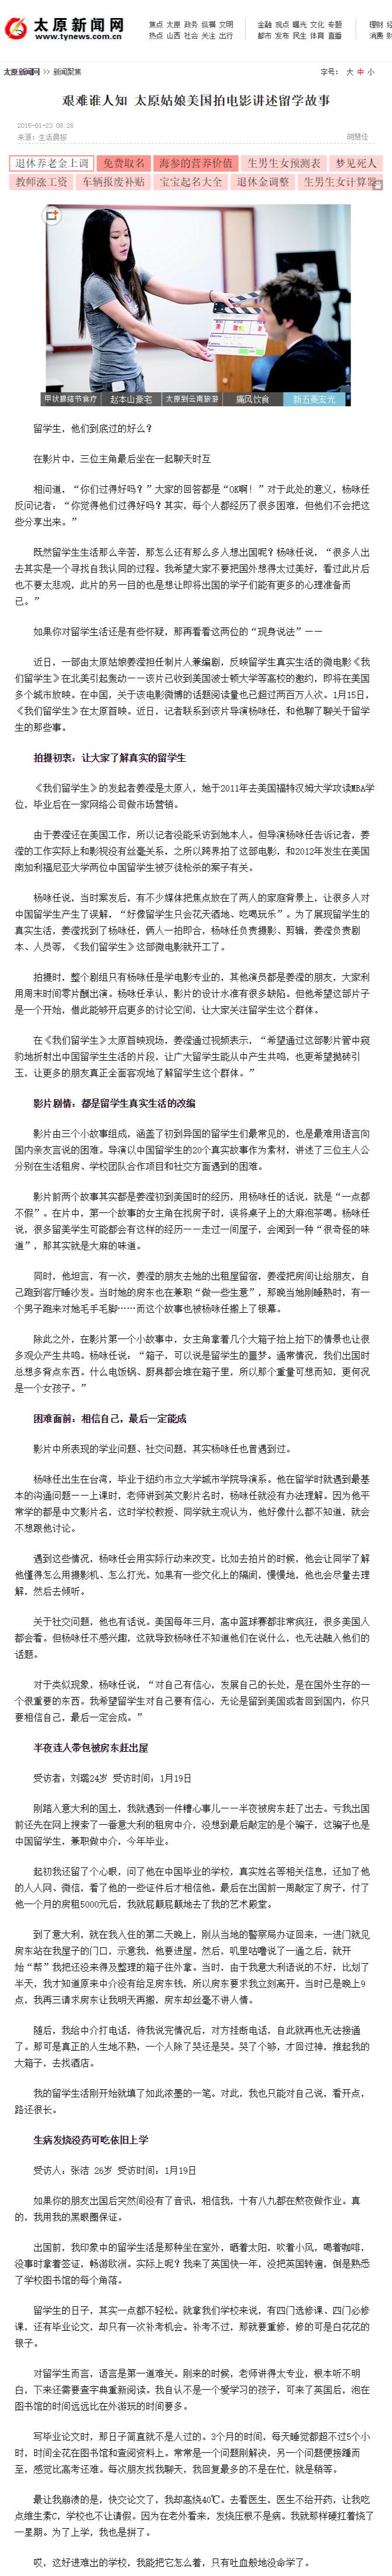 TY News.Com 1/23/2015